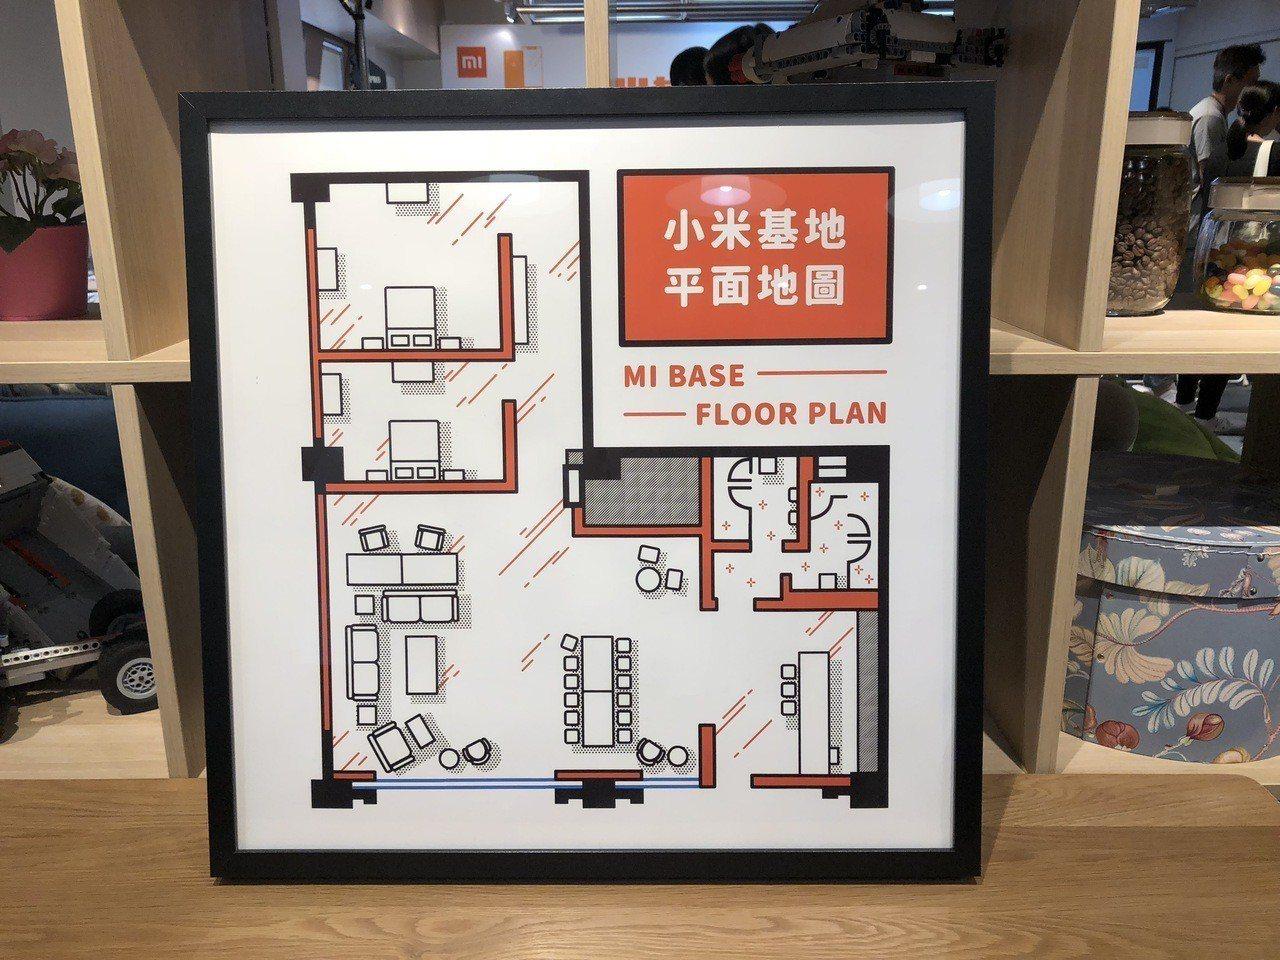 小米基地具有兩房兩廳一衛完整家庭體驗空間。記者黃筱晴/攝影